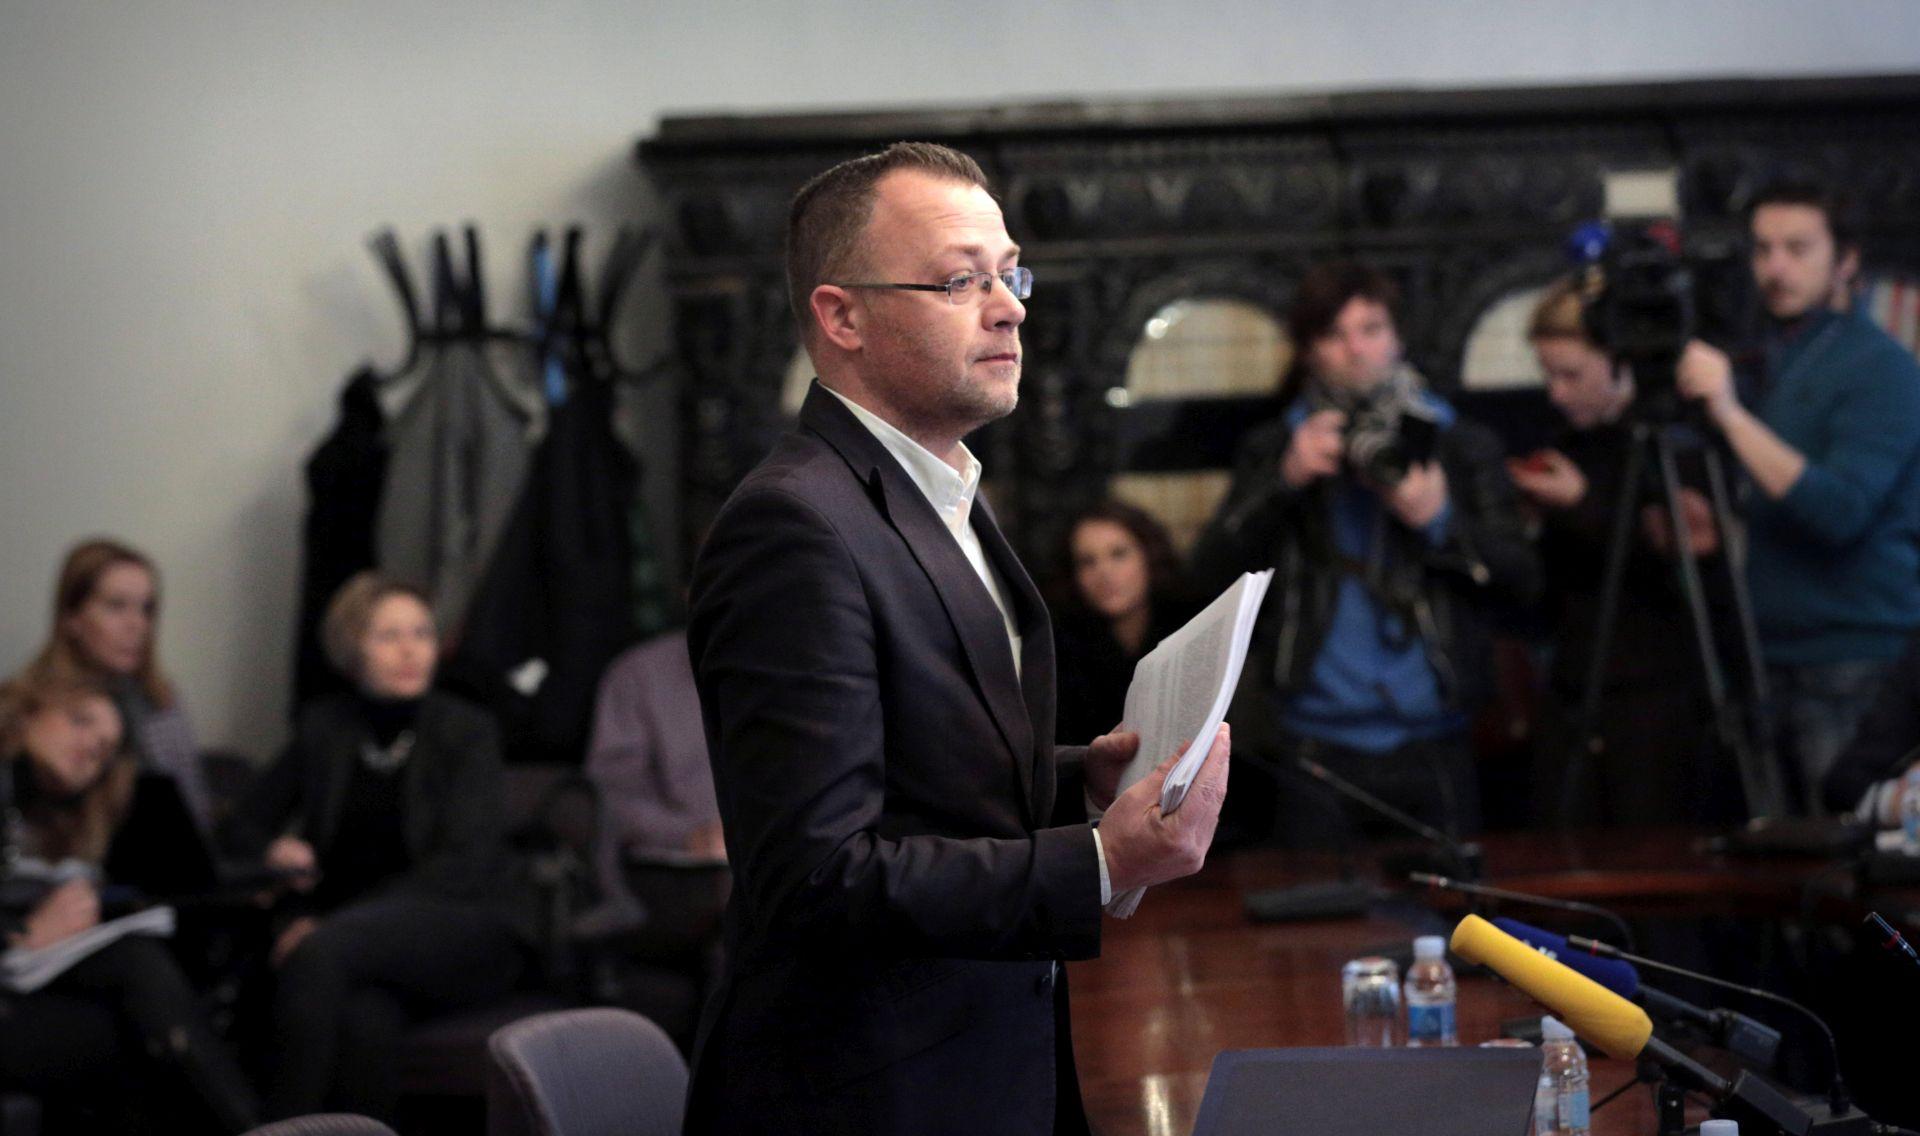 TRAŽE SMJENU MINISTRA Zuroff: Wiesenthal centar je šokiran imenovanjem Hasanbegovića na čelo ministra kulture